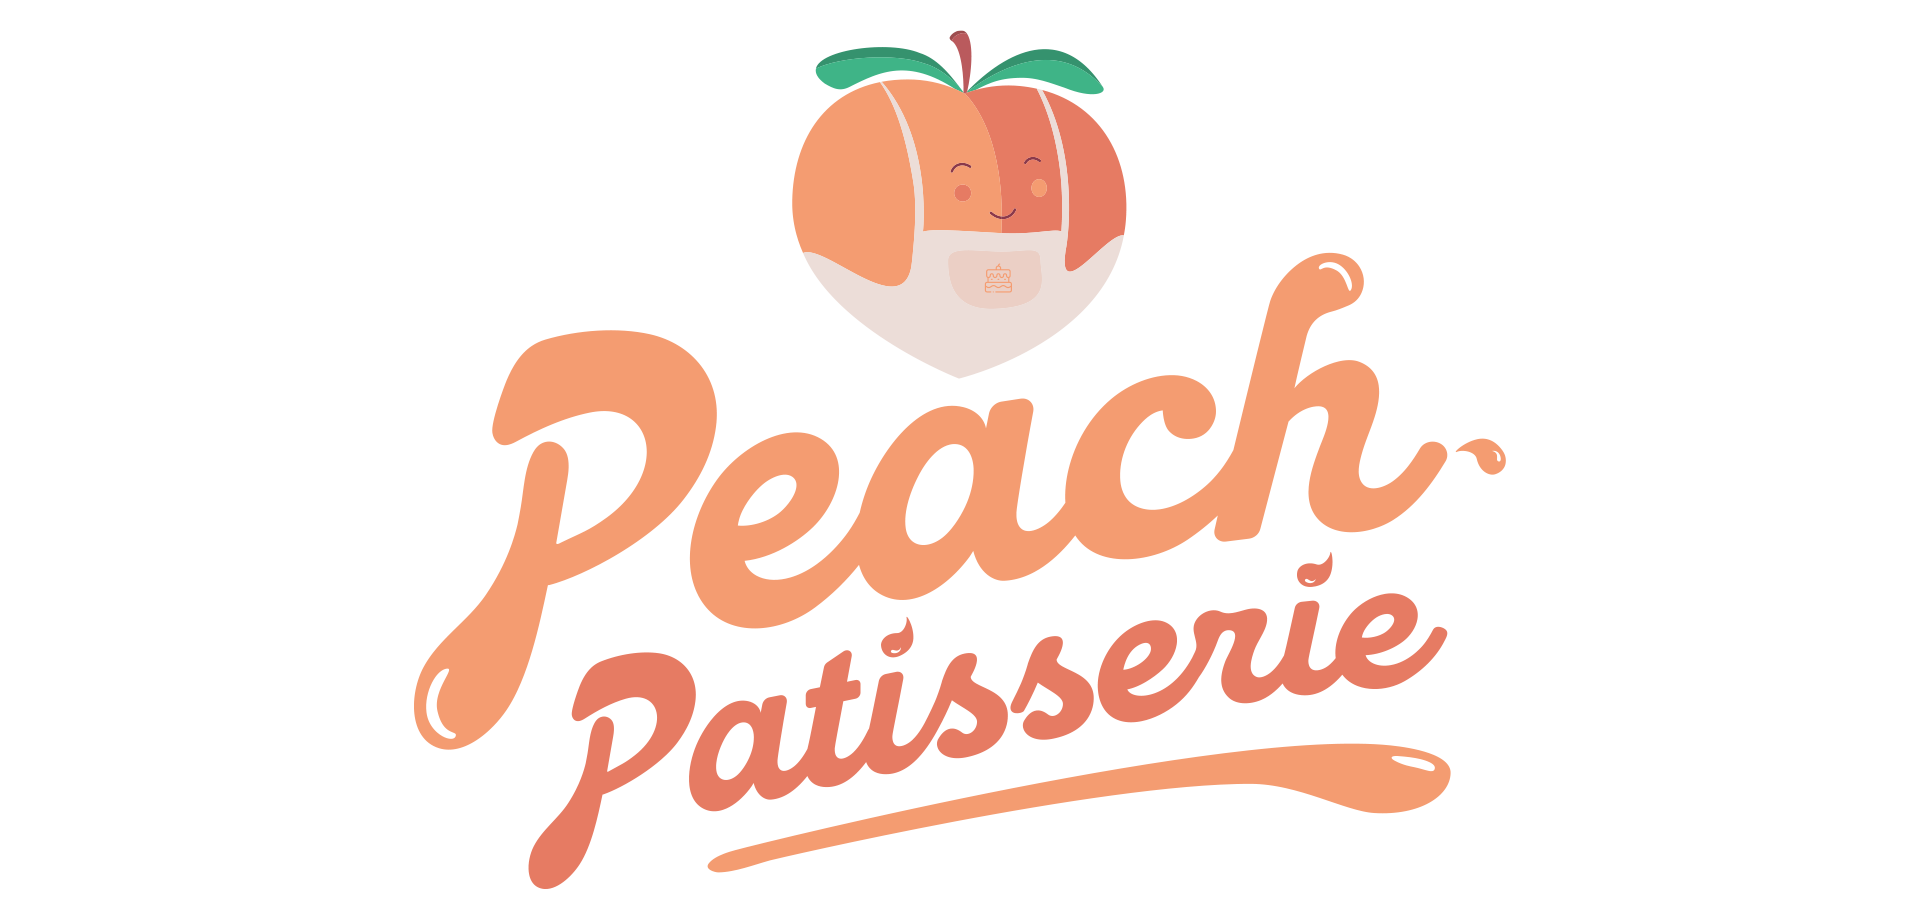 Peach Patisserie primary logo design